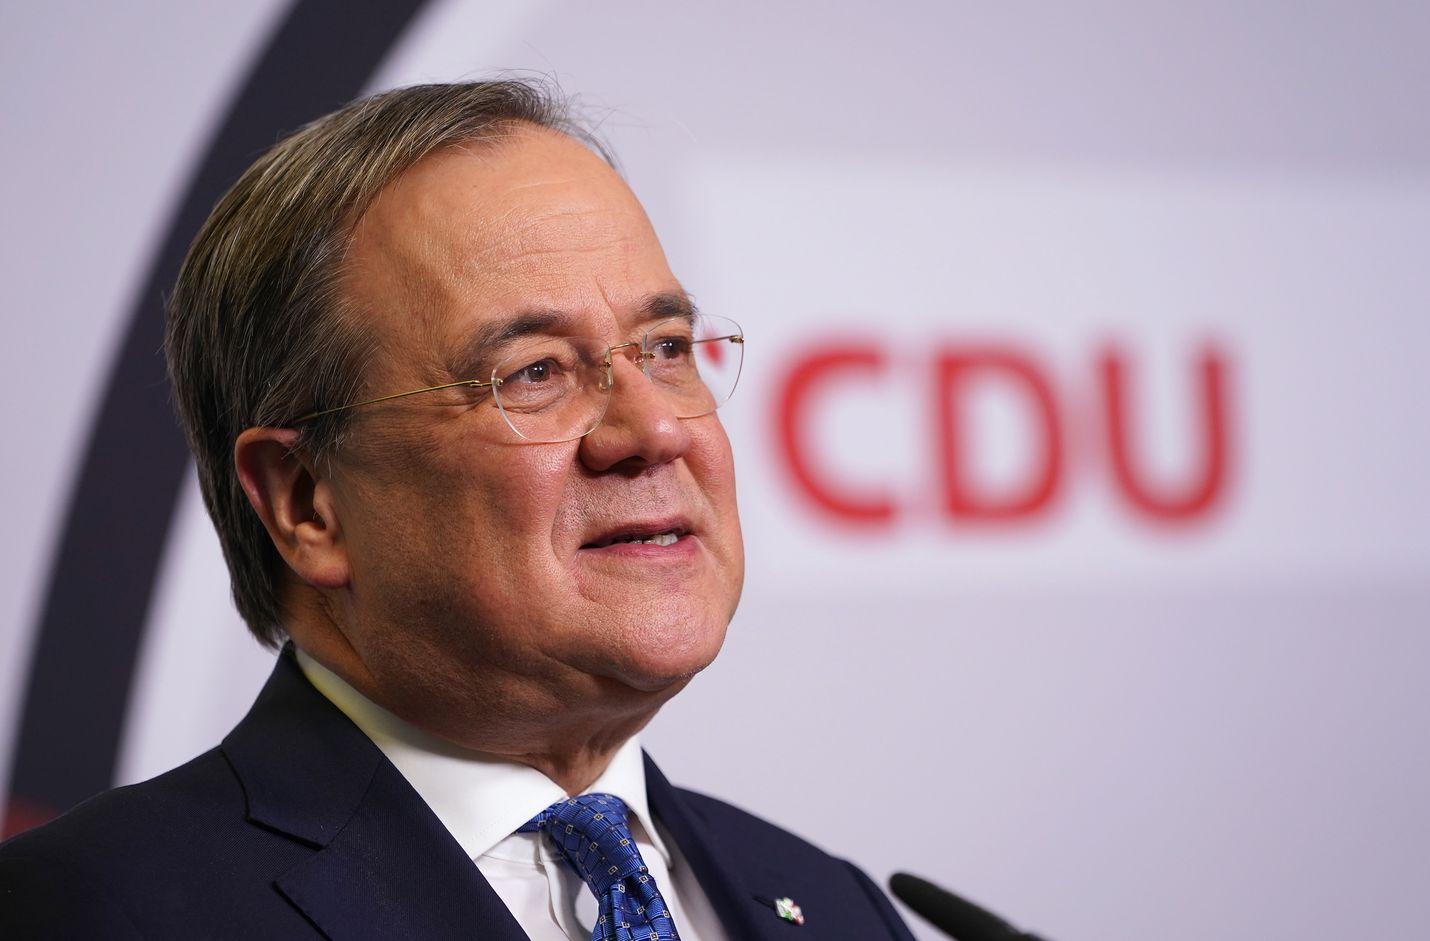 Saksan pääpuolueen CDU:n puheenjohtaja Armin Laschet ei aio ryhtyä vastustamaan Nord Stream 2 -kaasuputkea.